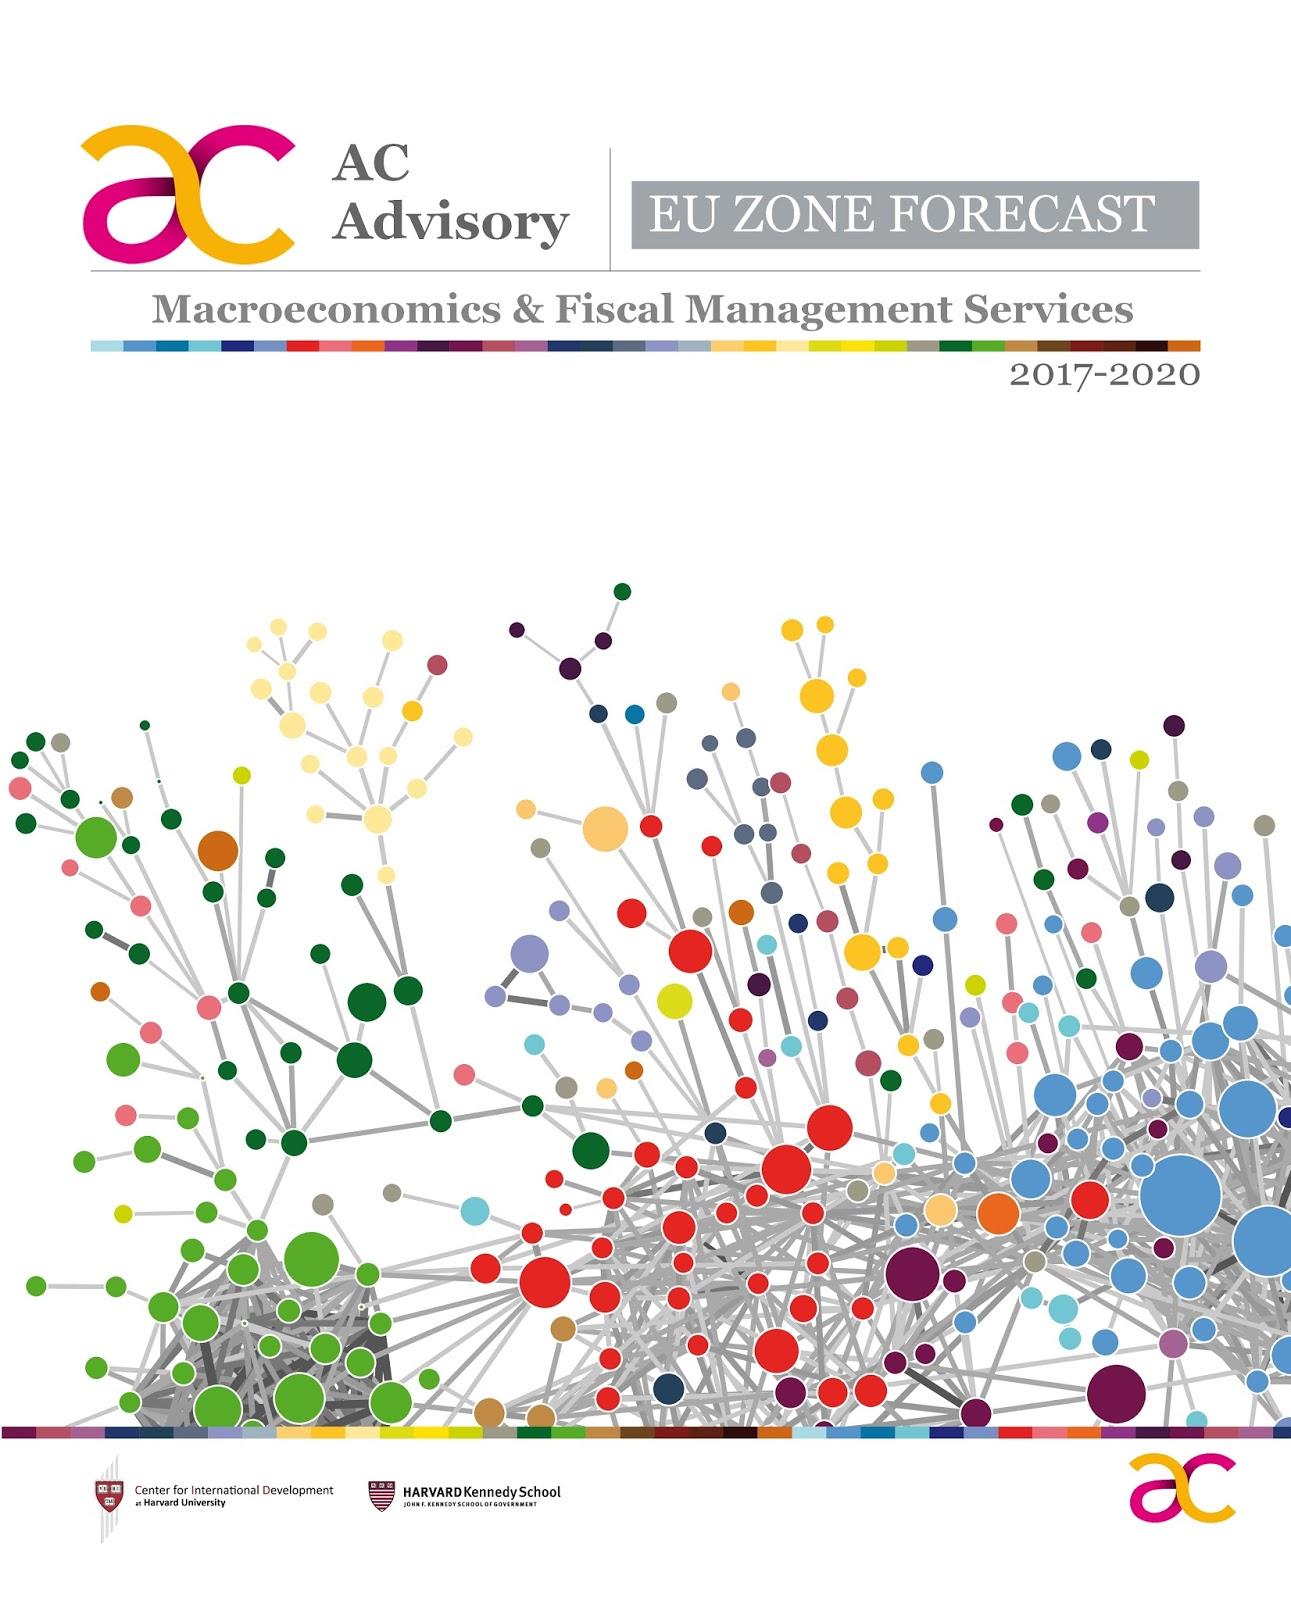 EU Zone Economic Forecast 2017-2020 is published